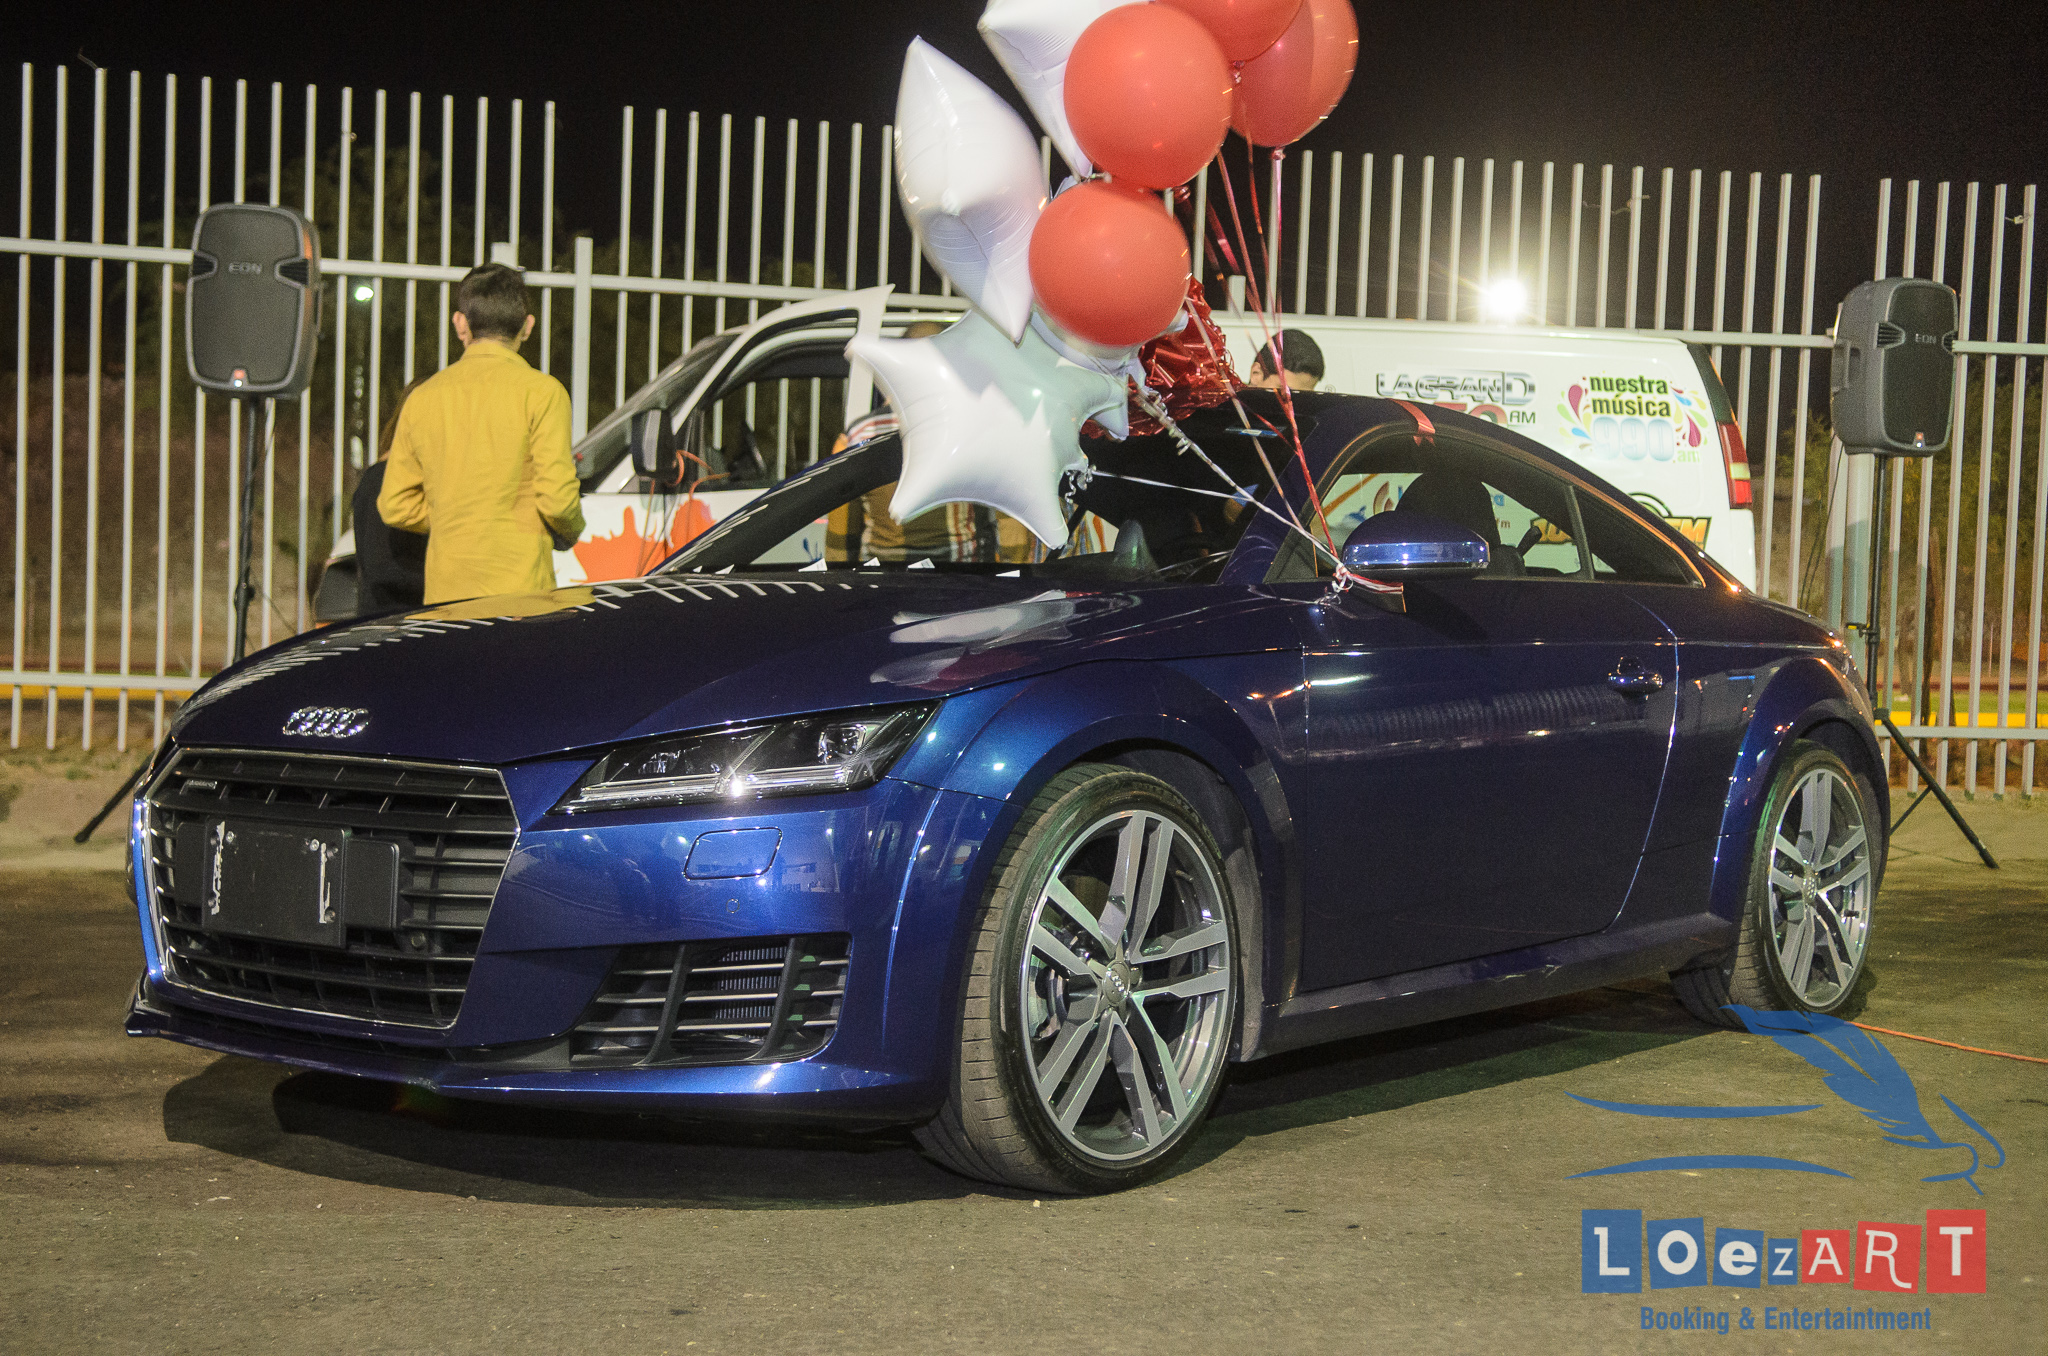 #EventosLoezart / Audi